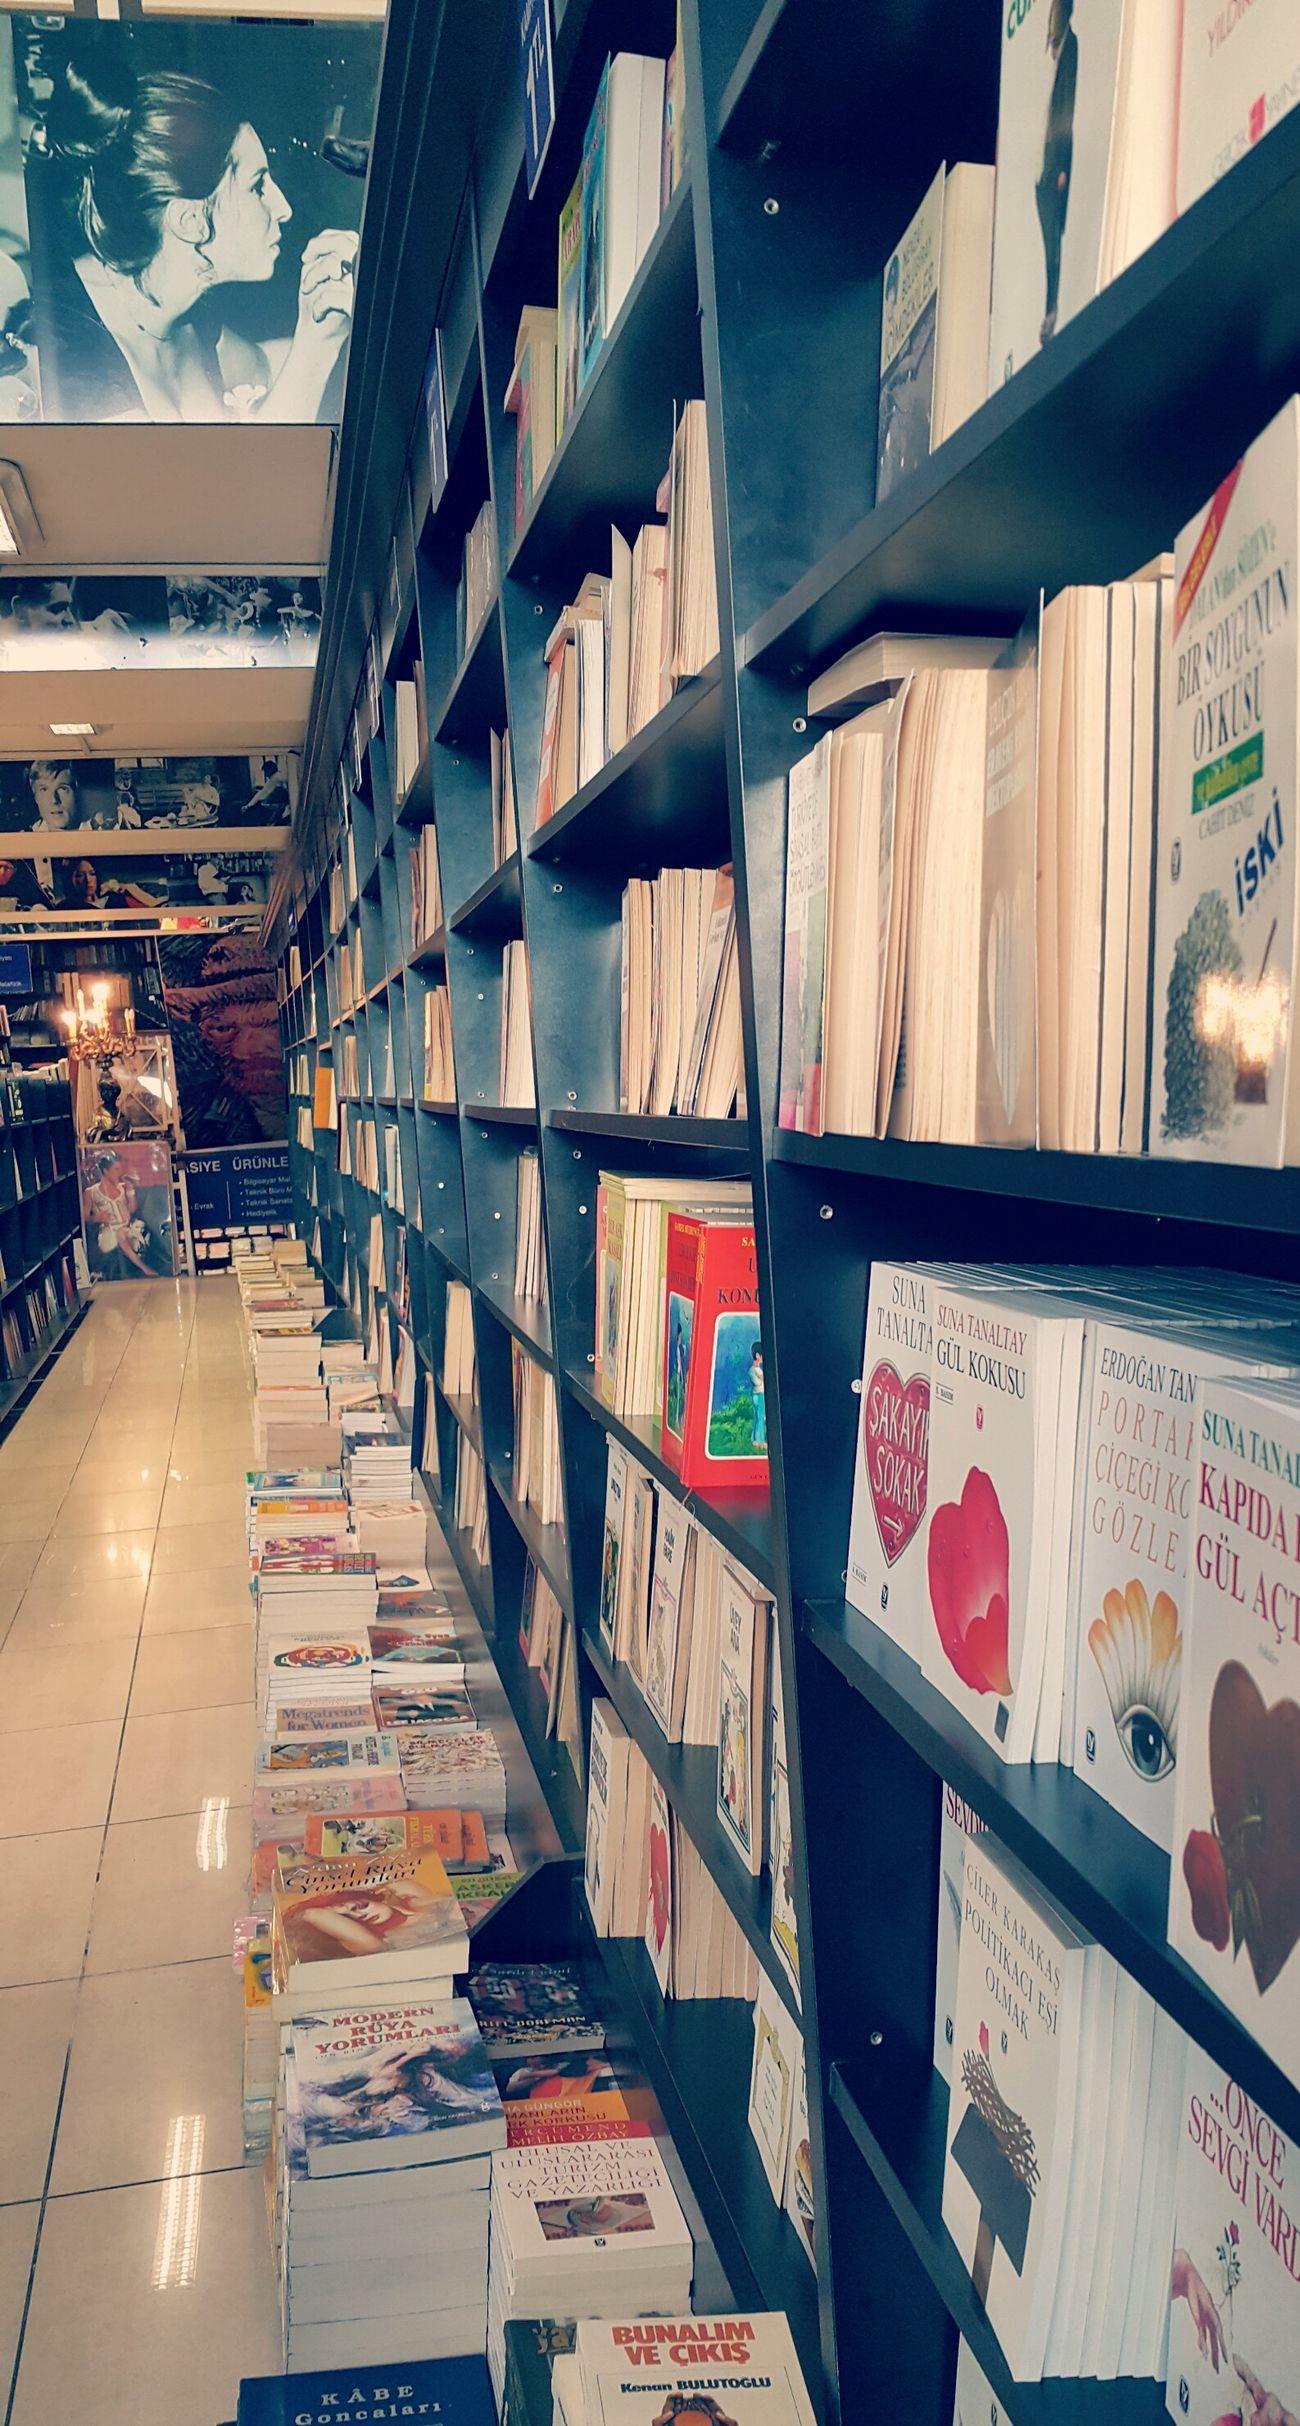 Kabalcı Kitapevi - Kadıköy. Keyifli zaman gecirilecek hoş bir yer. Eyemturkey Eyemphotography Taking Photos Turkiyem Bookphoto Kitap Kitapkurdu Kadikoy Kitapkokusu Bookslover Books Bookshelves Bookstore Bookshelf Bookstagram